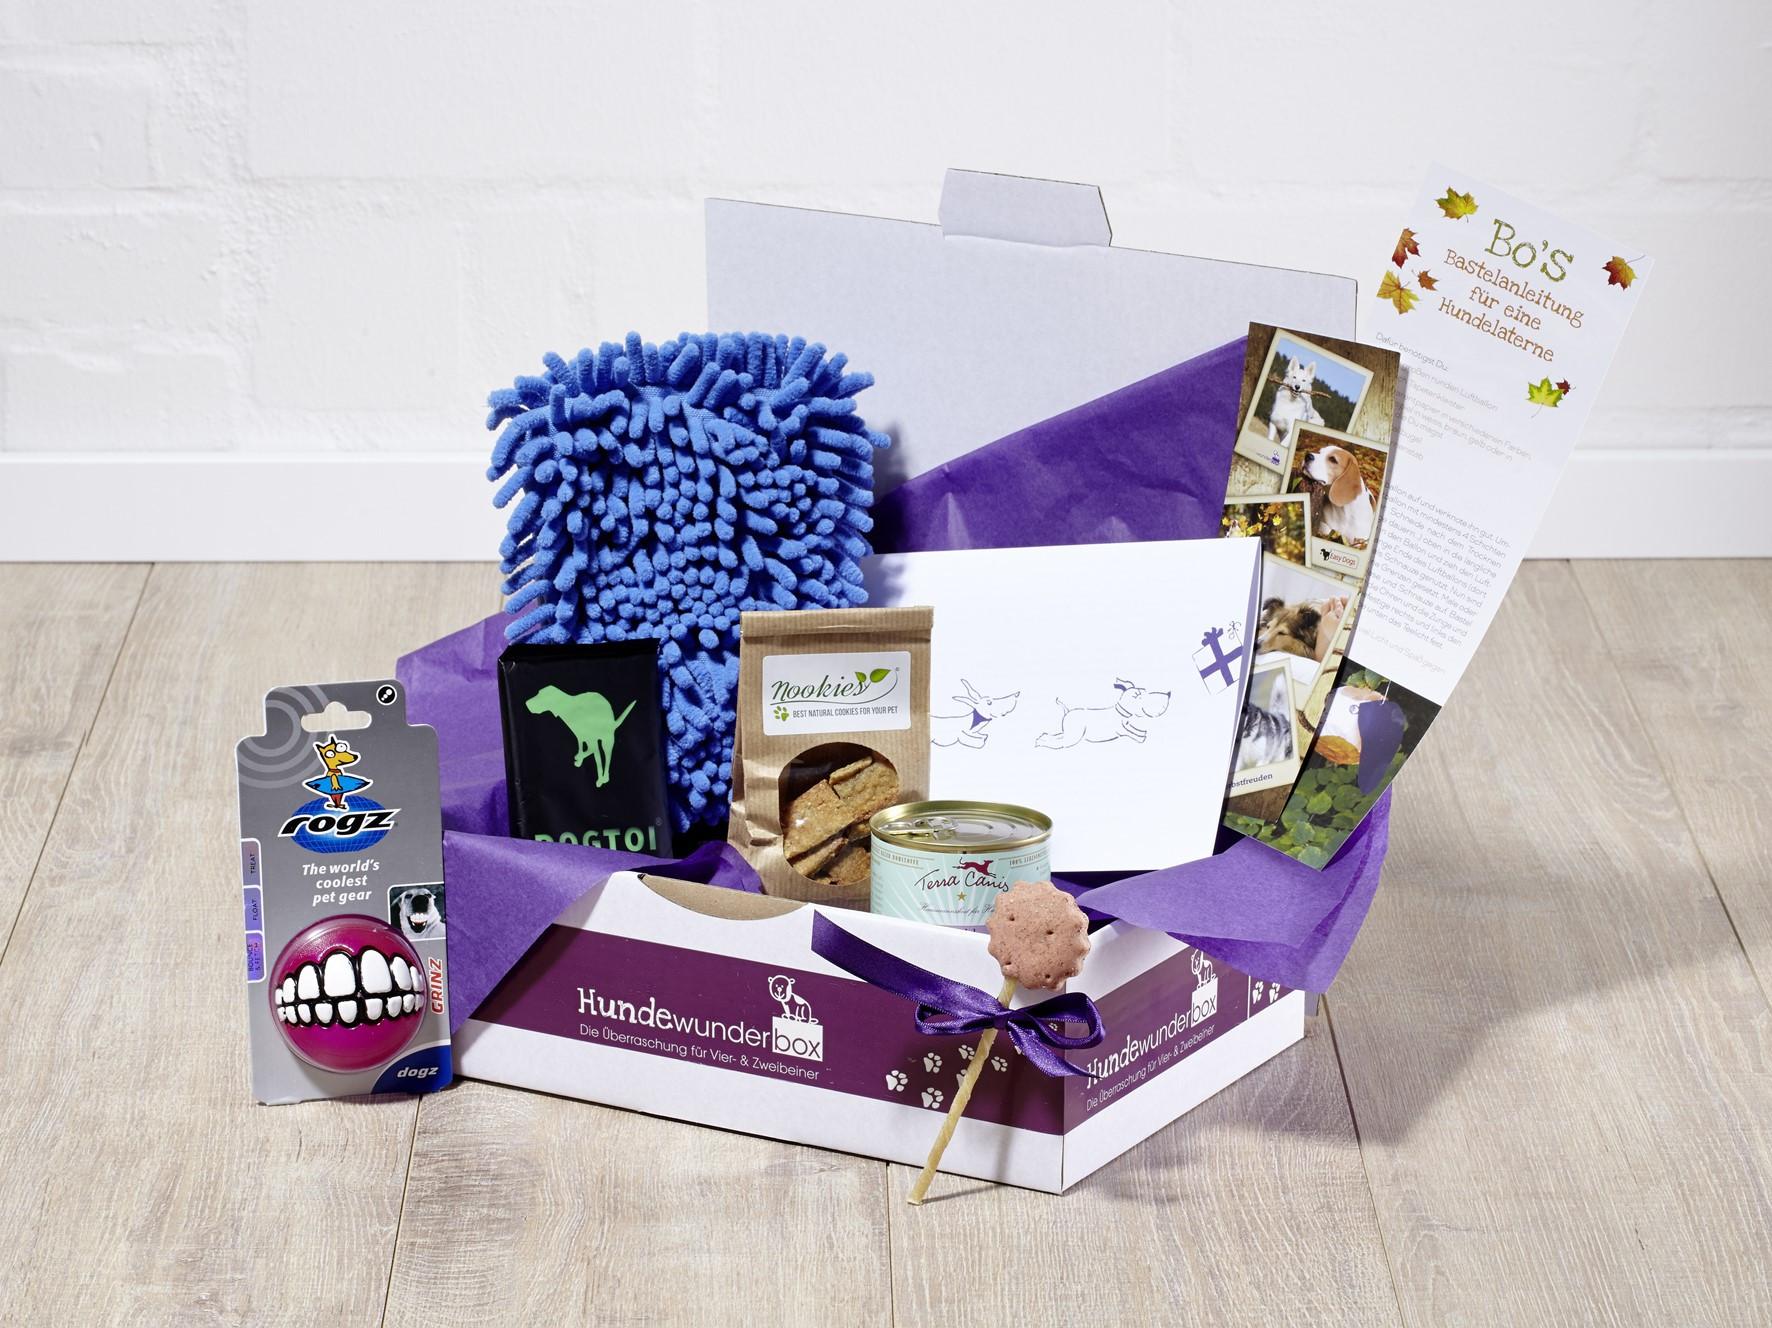 Geburtstagssprüche Für Hundeliebhaber  Die Überraschungsbox für alle Hundeliebhaber und deren